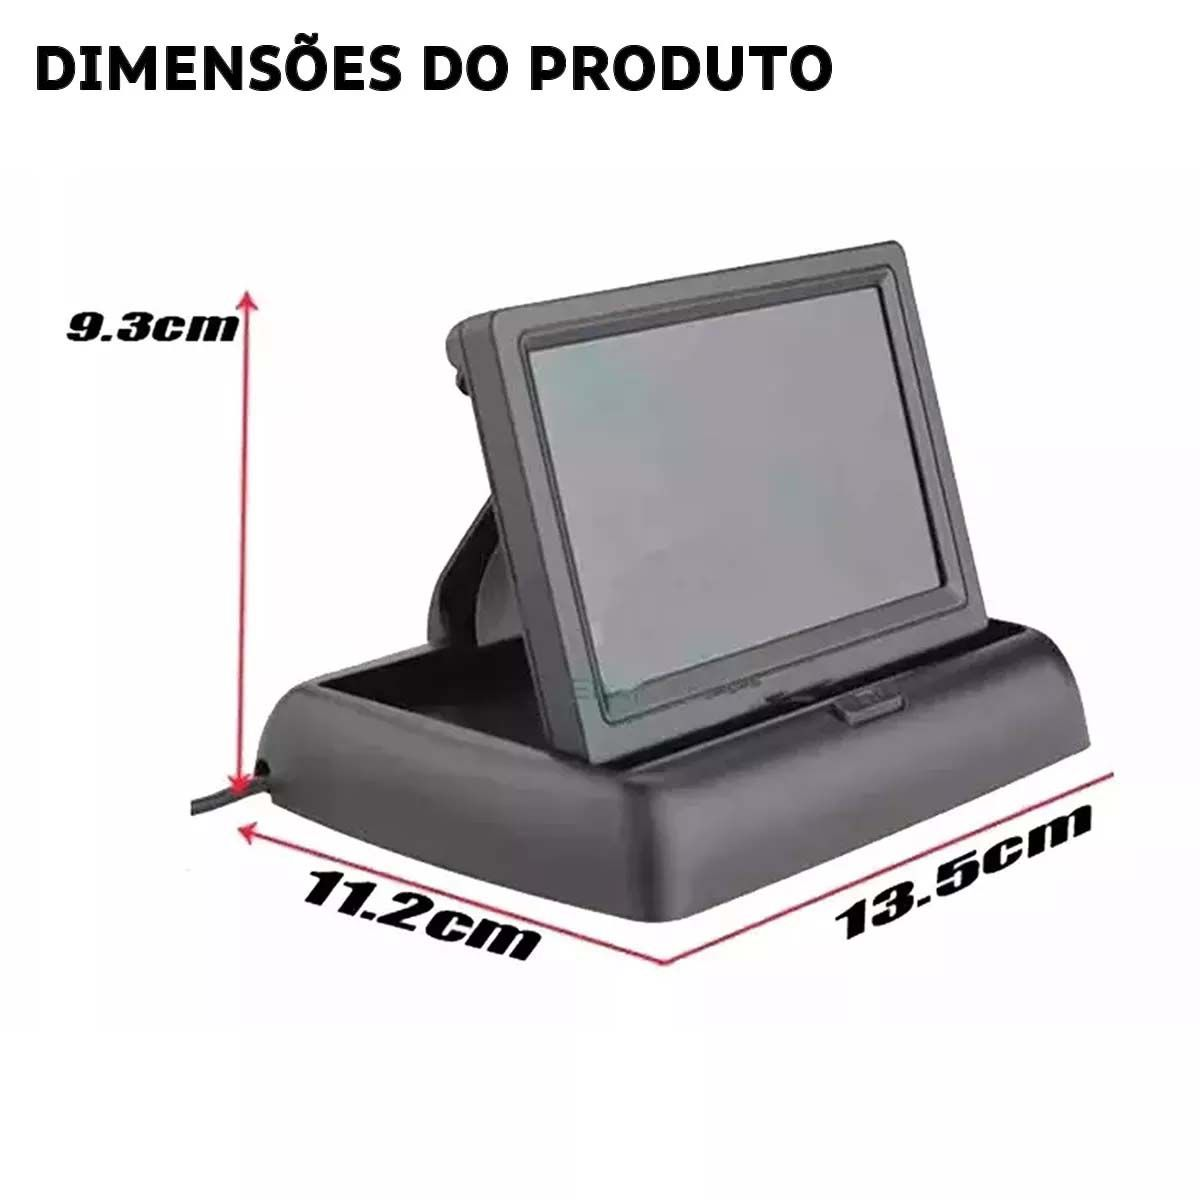 Tela Monitor LCD 4.3 Portátil Colorido Retrátil Automotivo Com Câmeras de Ré Segurança Auxiliar Estacionamento Veicular para Transporte Escolar, Ônibus, Van, Caminhões e Carros (Todos)